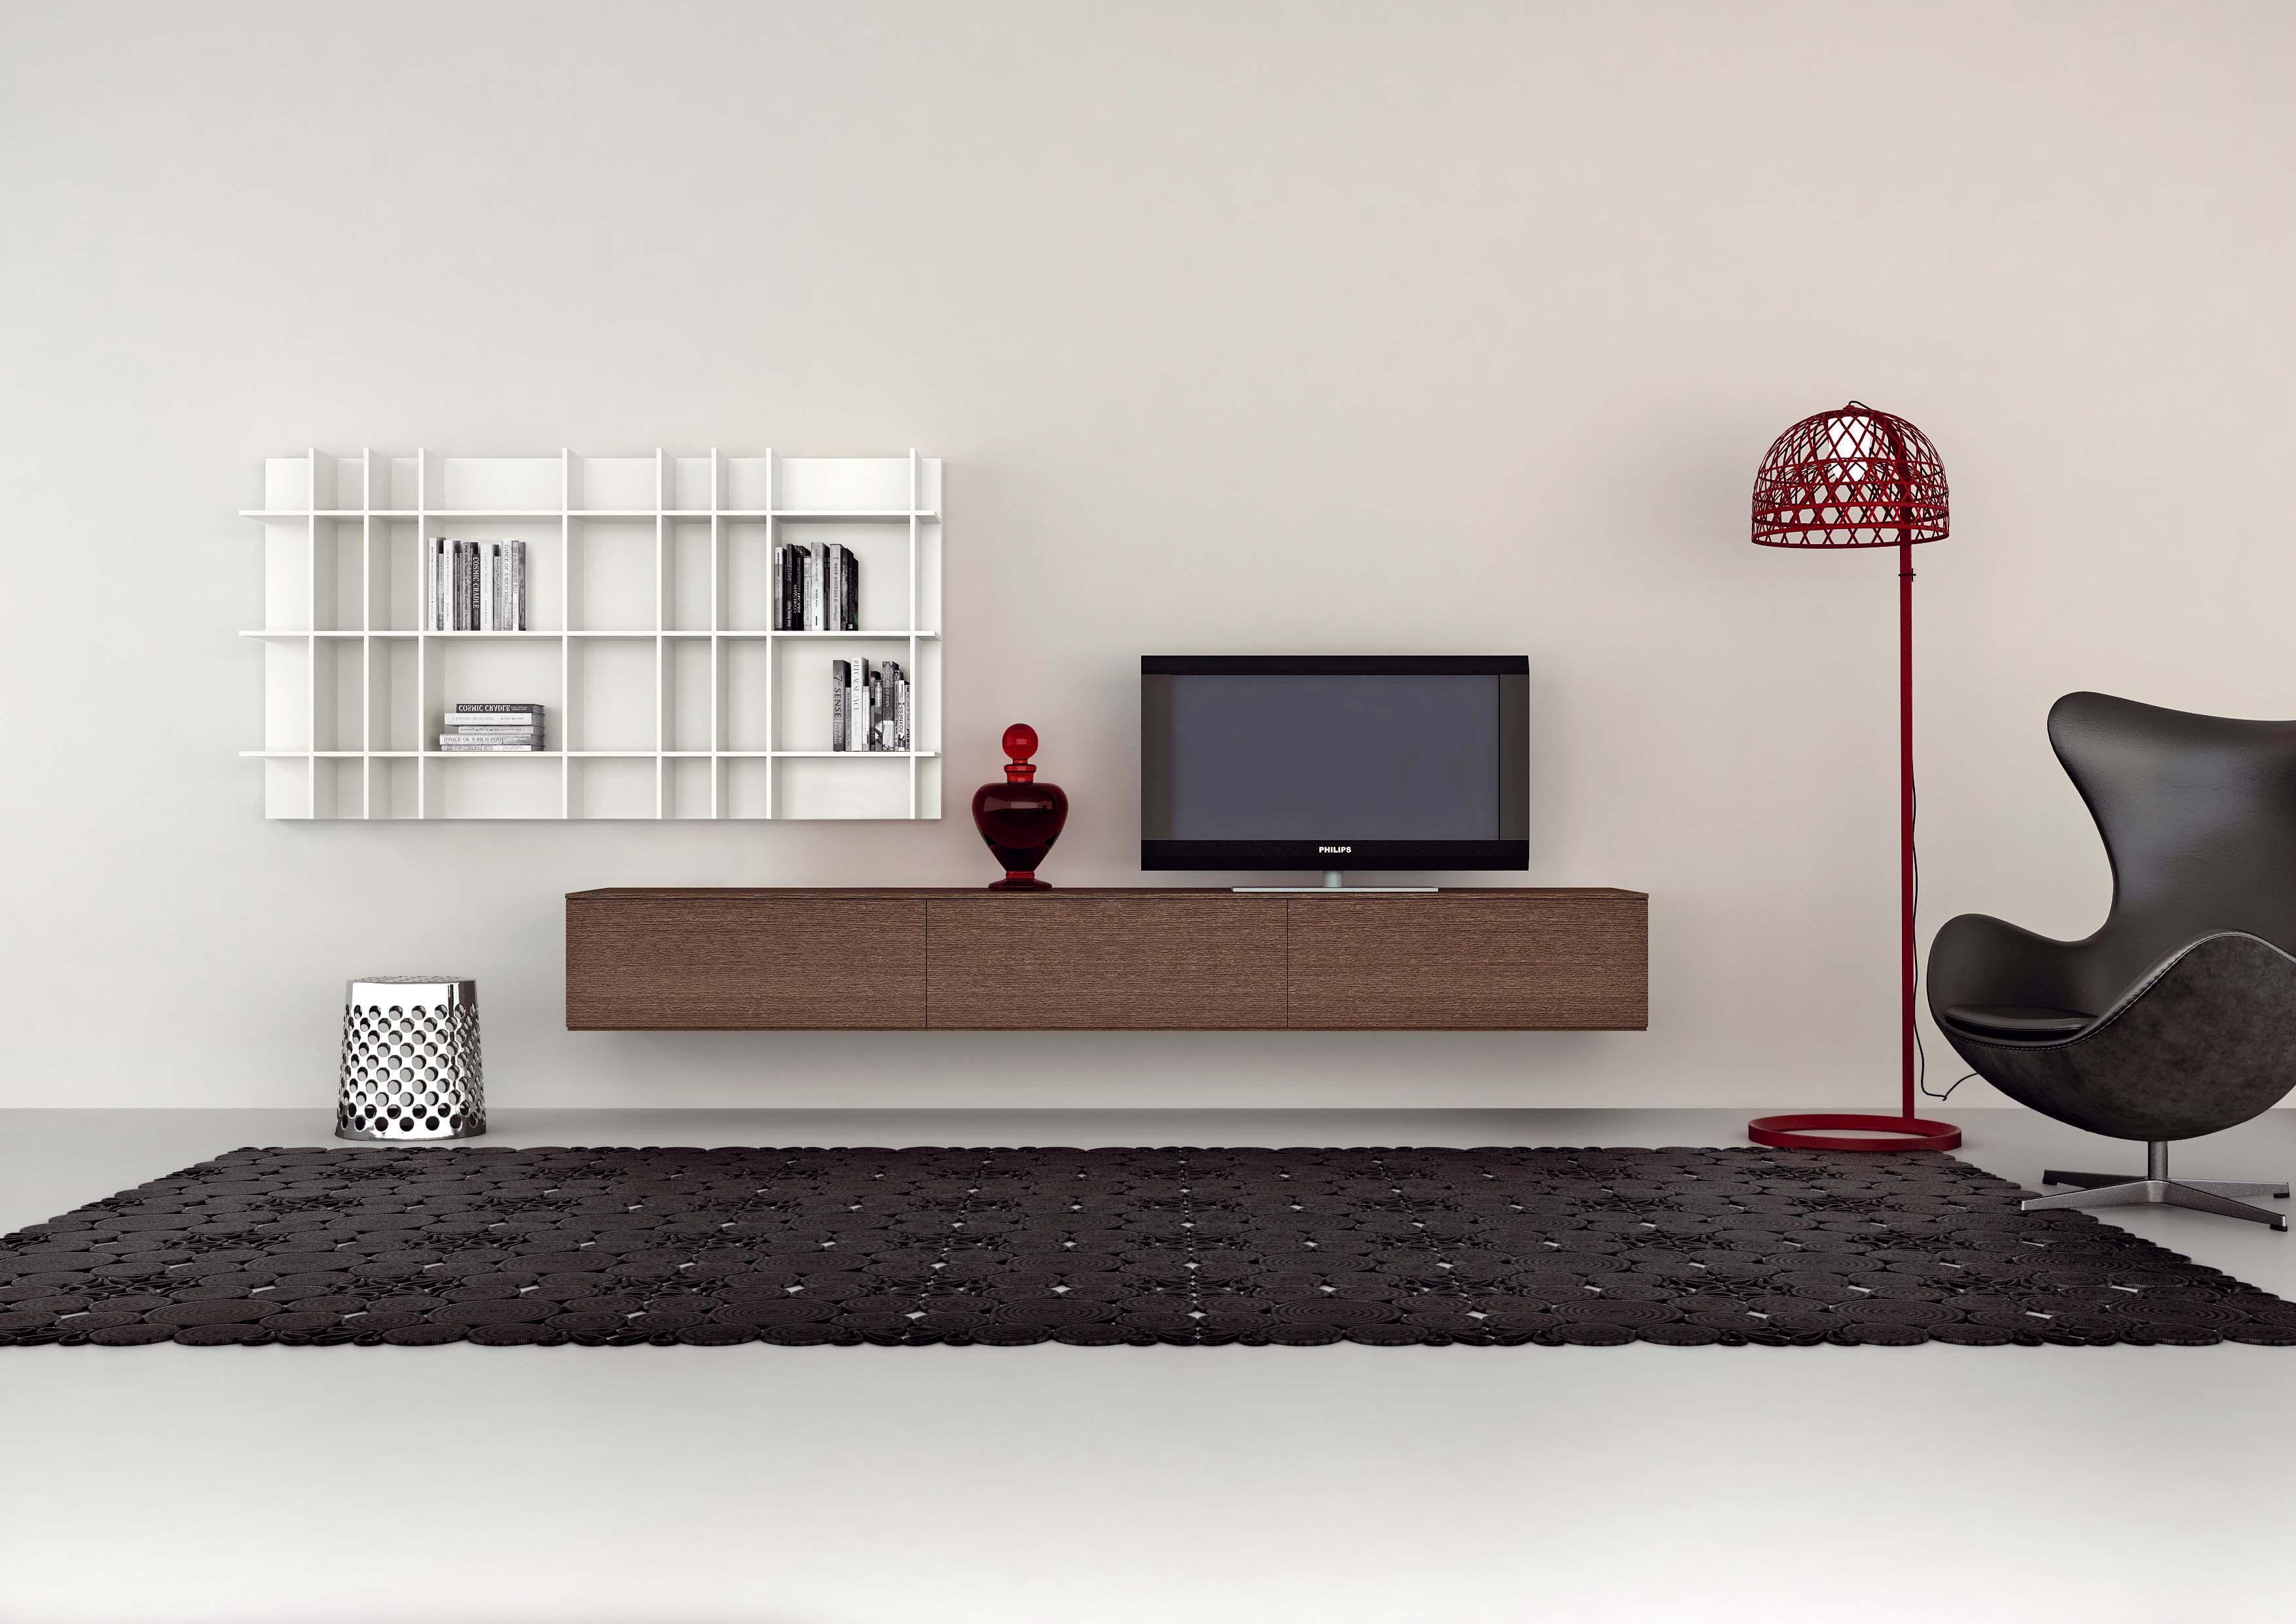 Wandmeubel Novamobili Giorno 201 Interior Design Stuff Pinterest # Meuble Tv Pratique